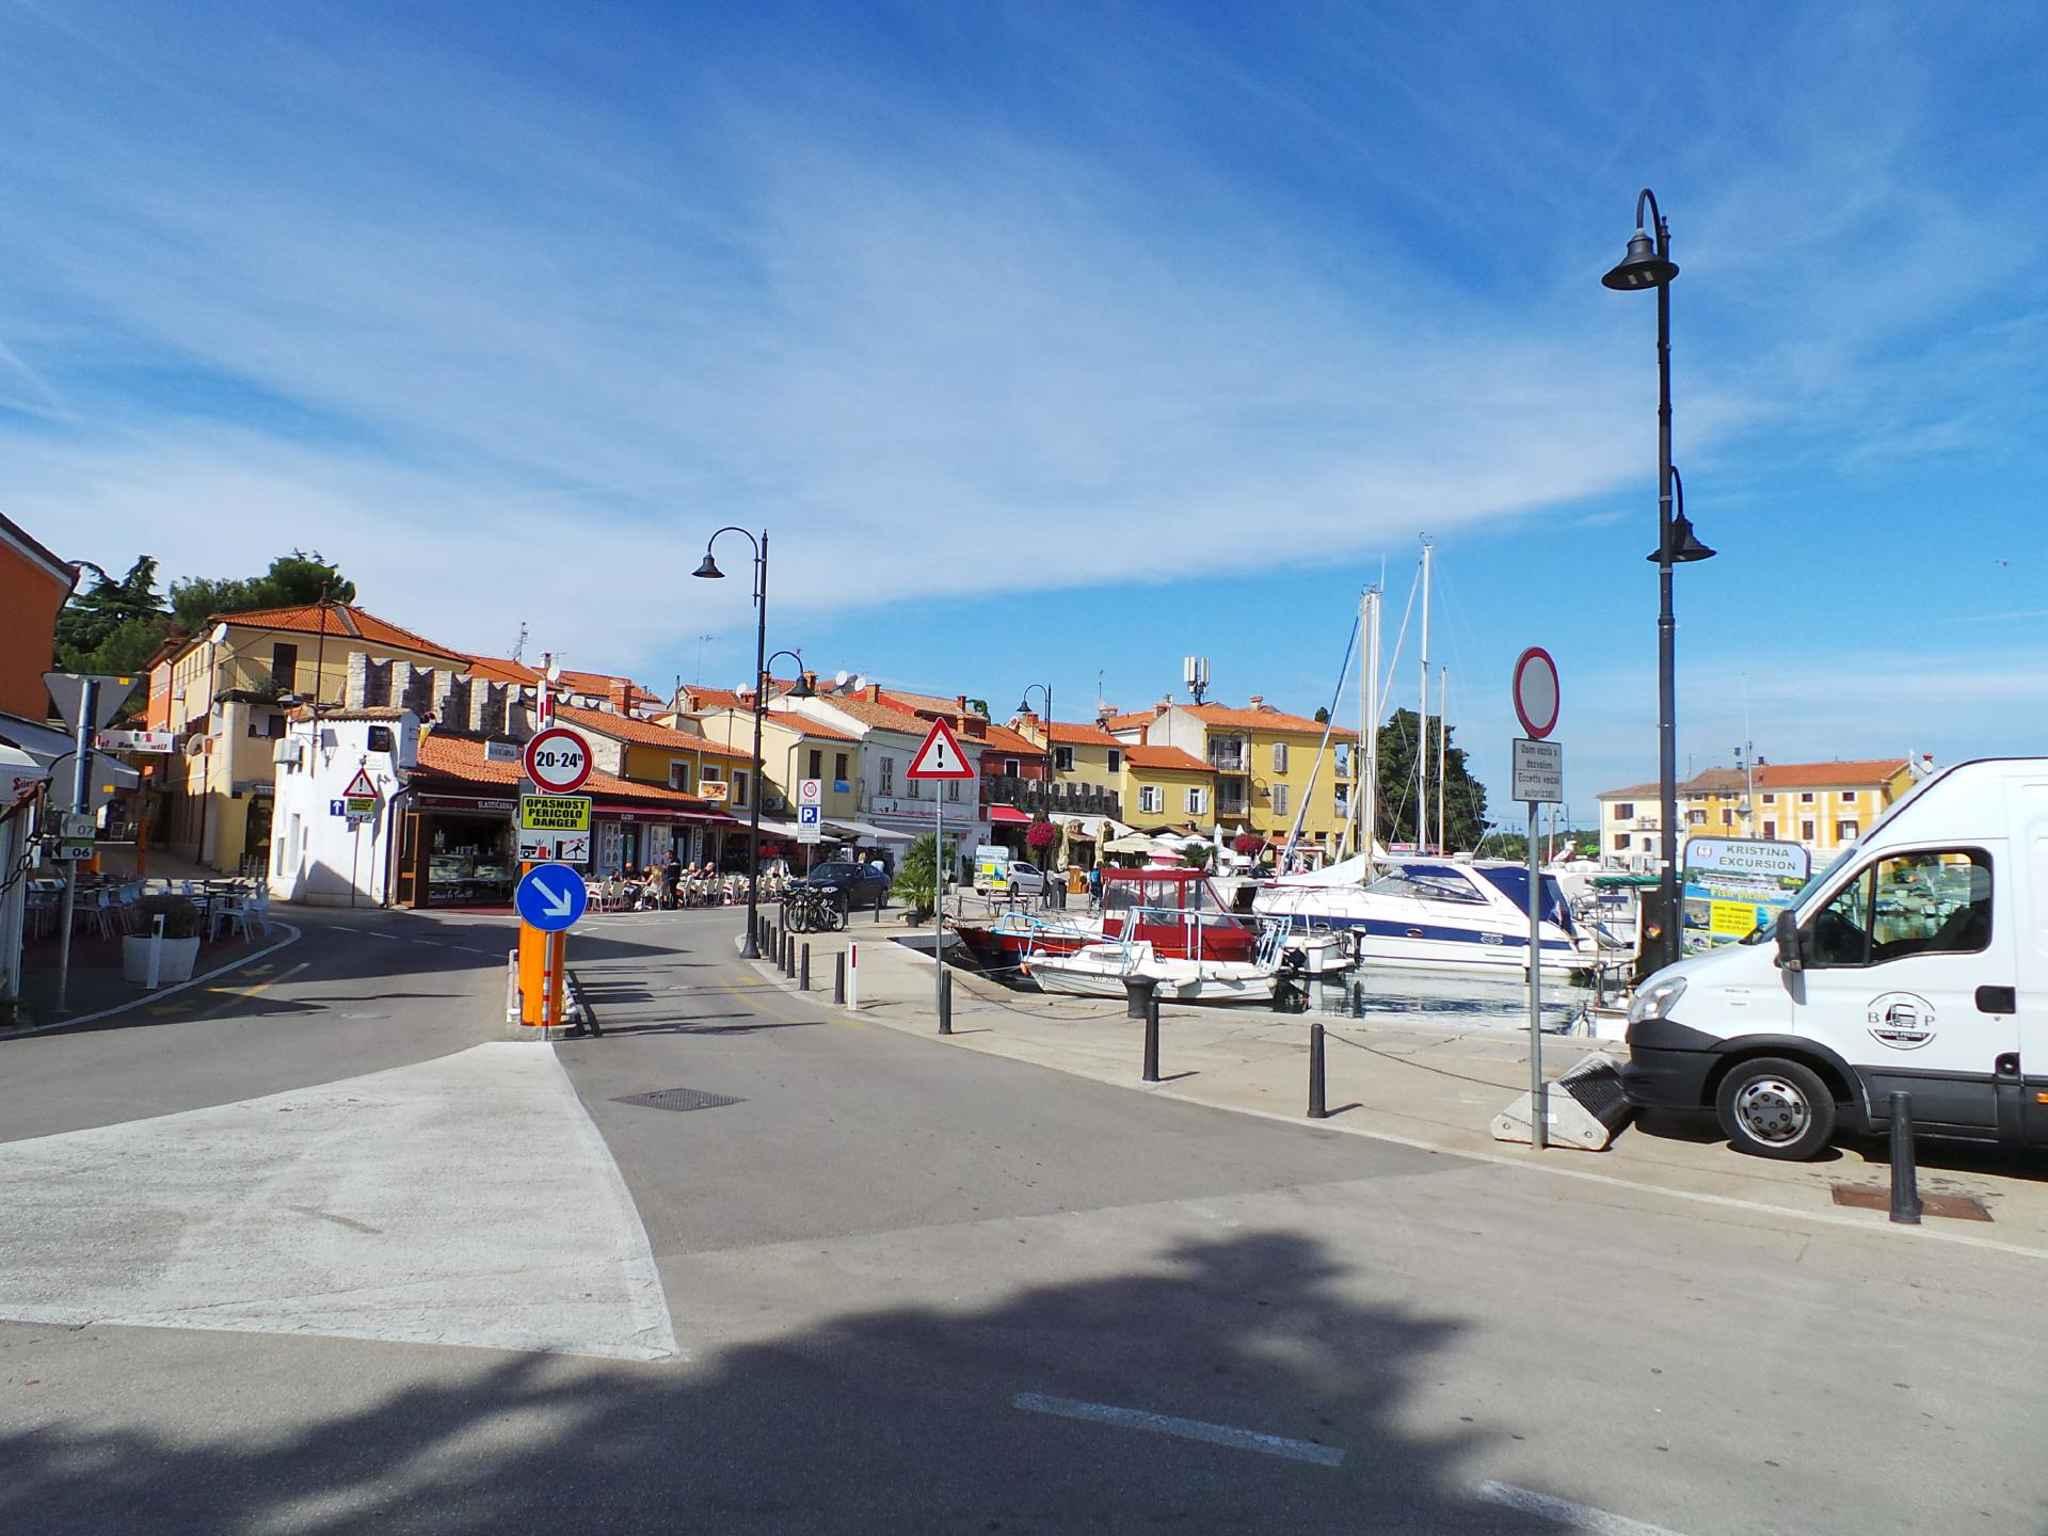 Ferienwohnung in Adrianähe mit Meerblick (278894), Zadar, , Dalmatien, Kroatien, Bild 32